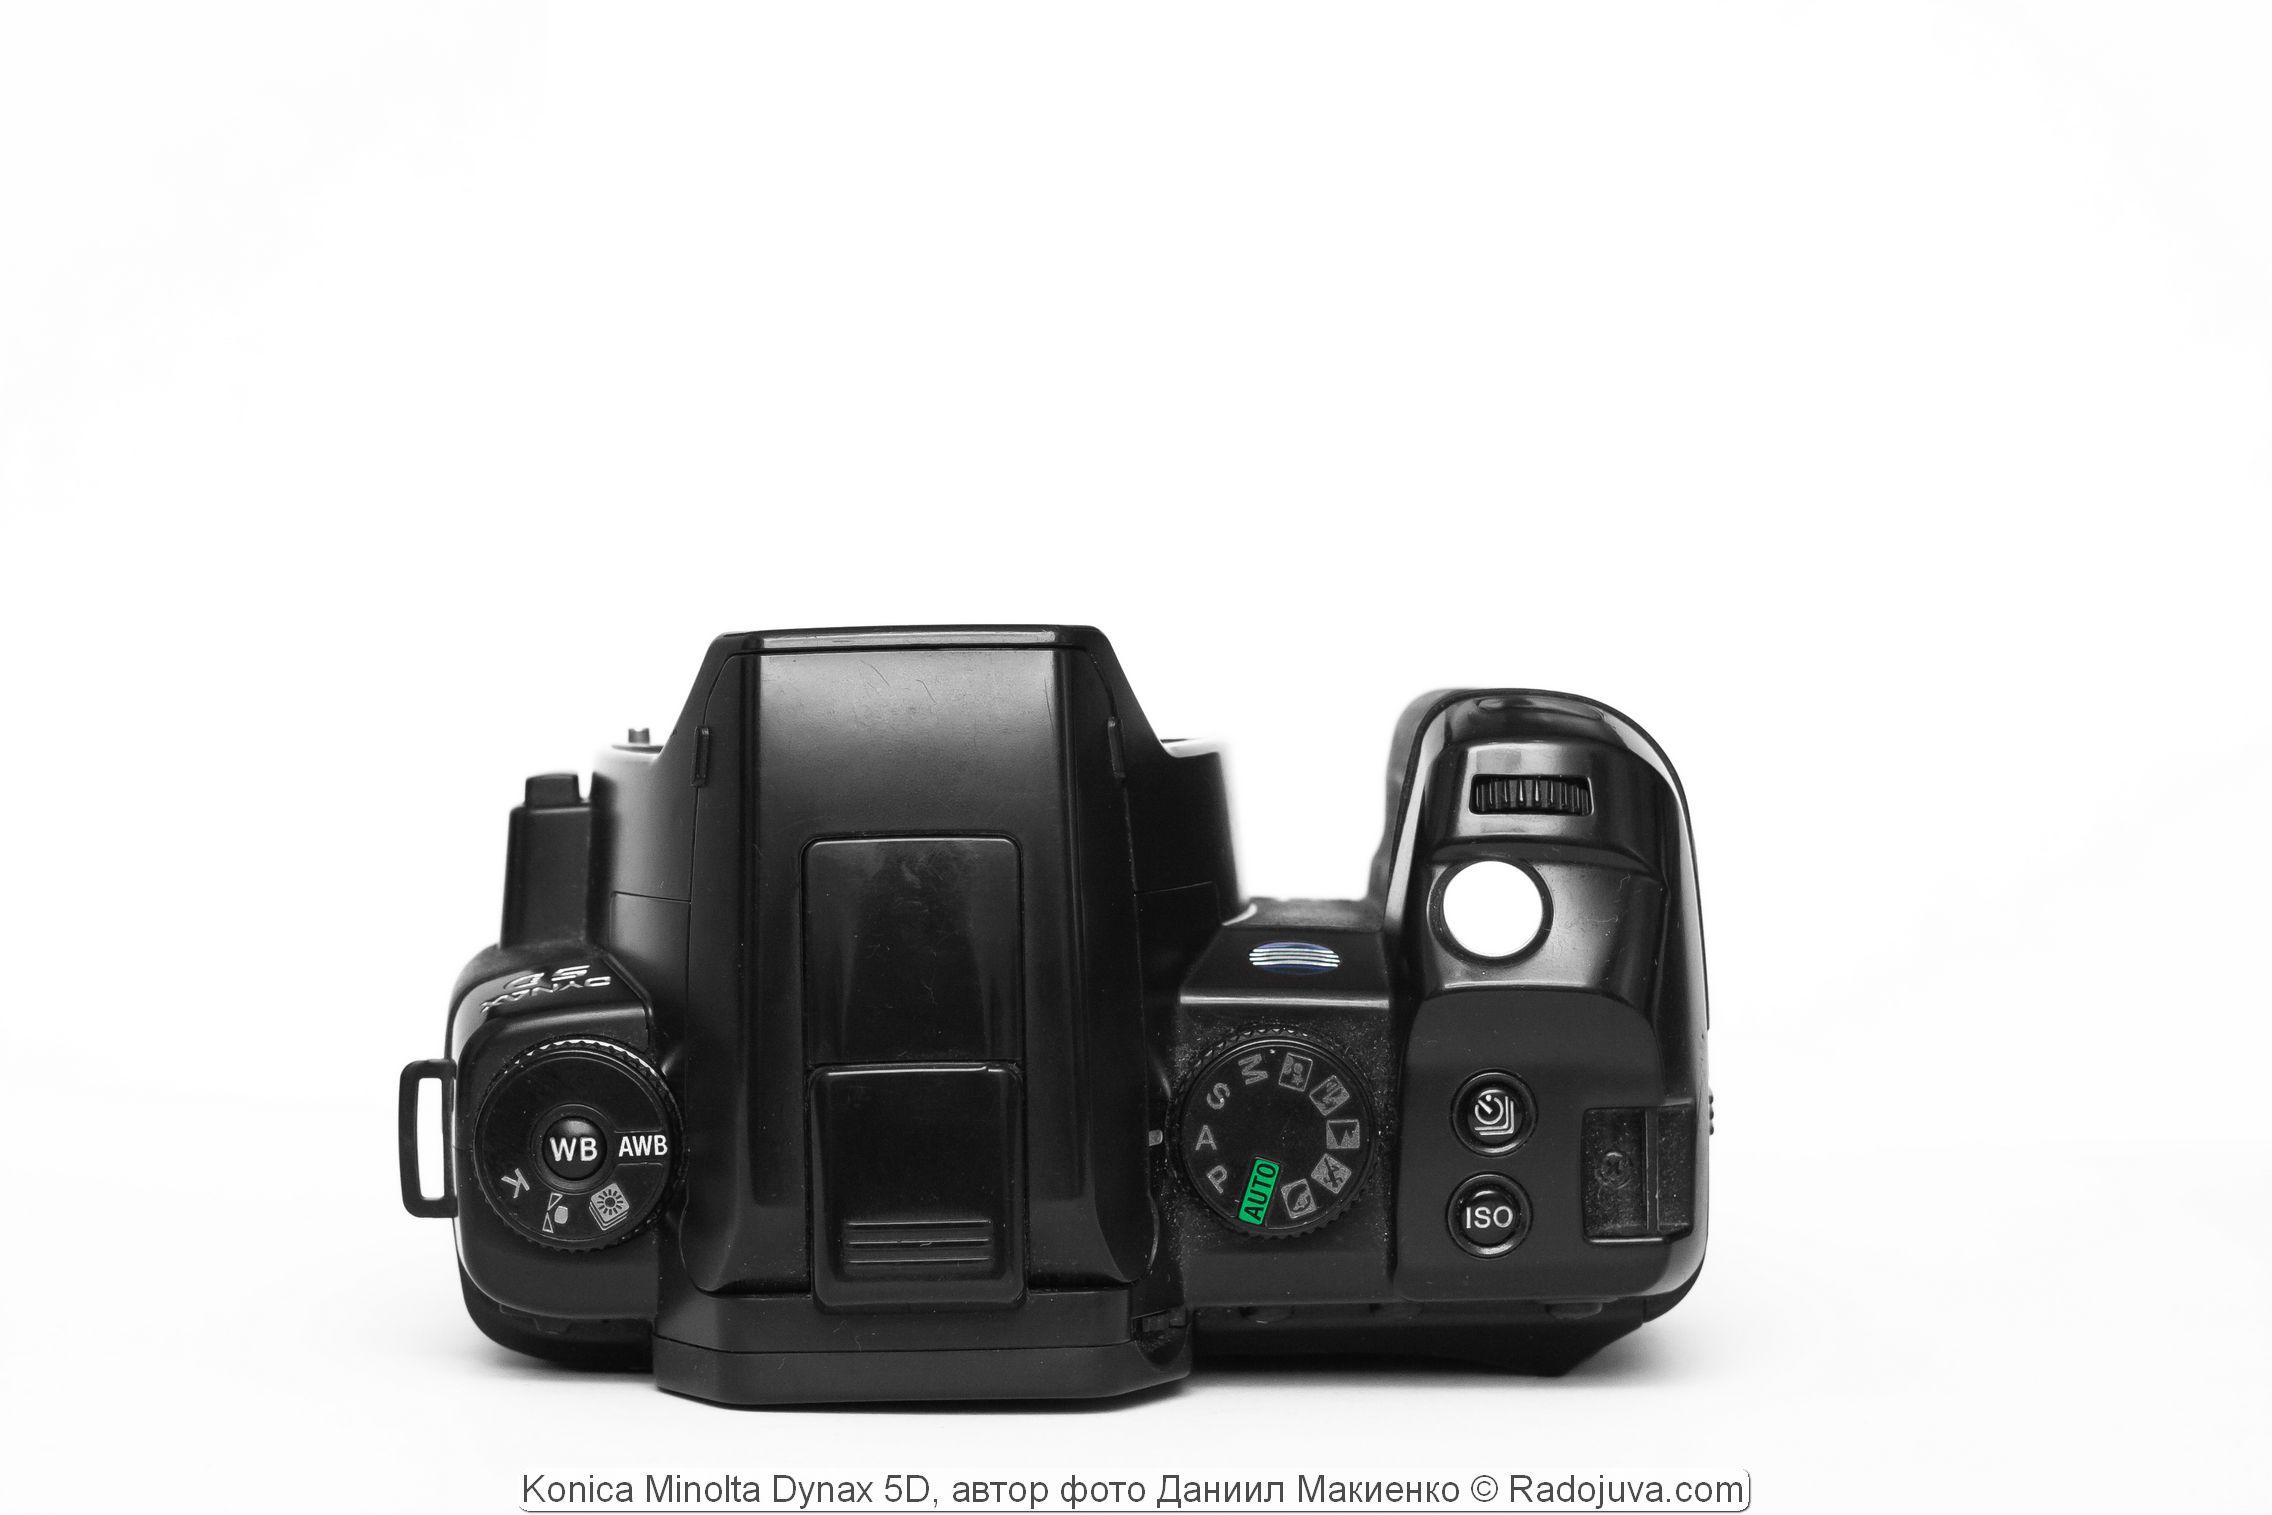 Konica Minolta Dynax 5D